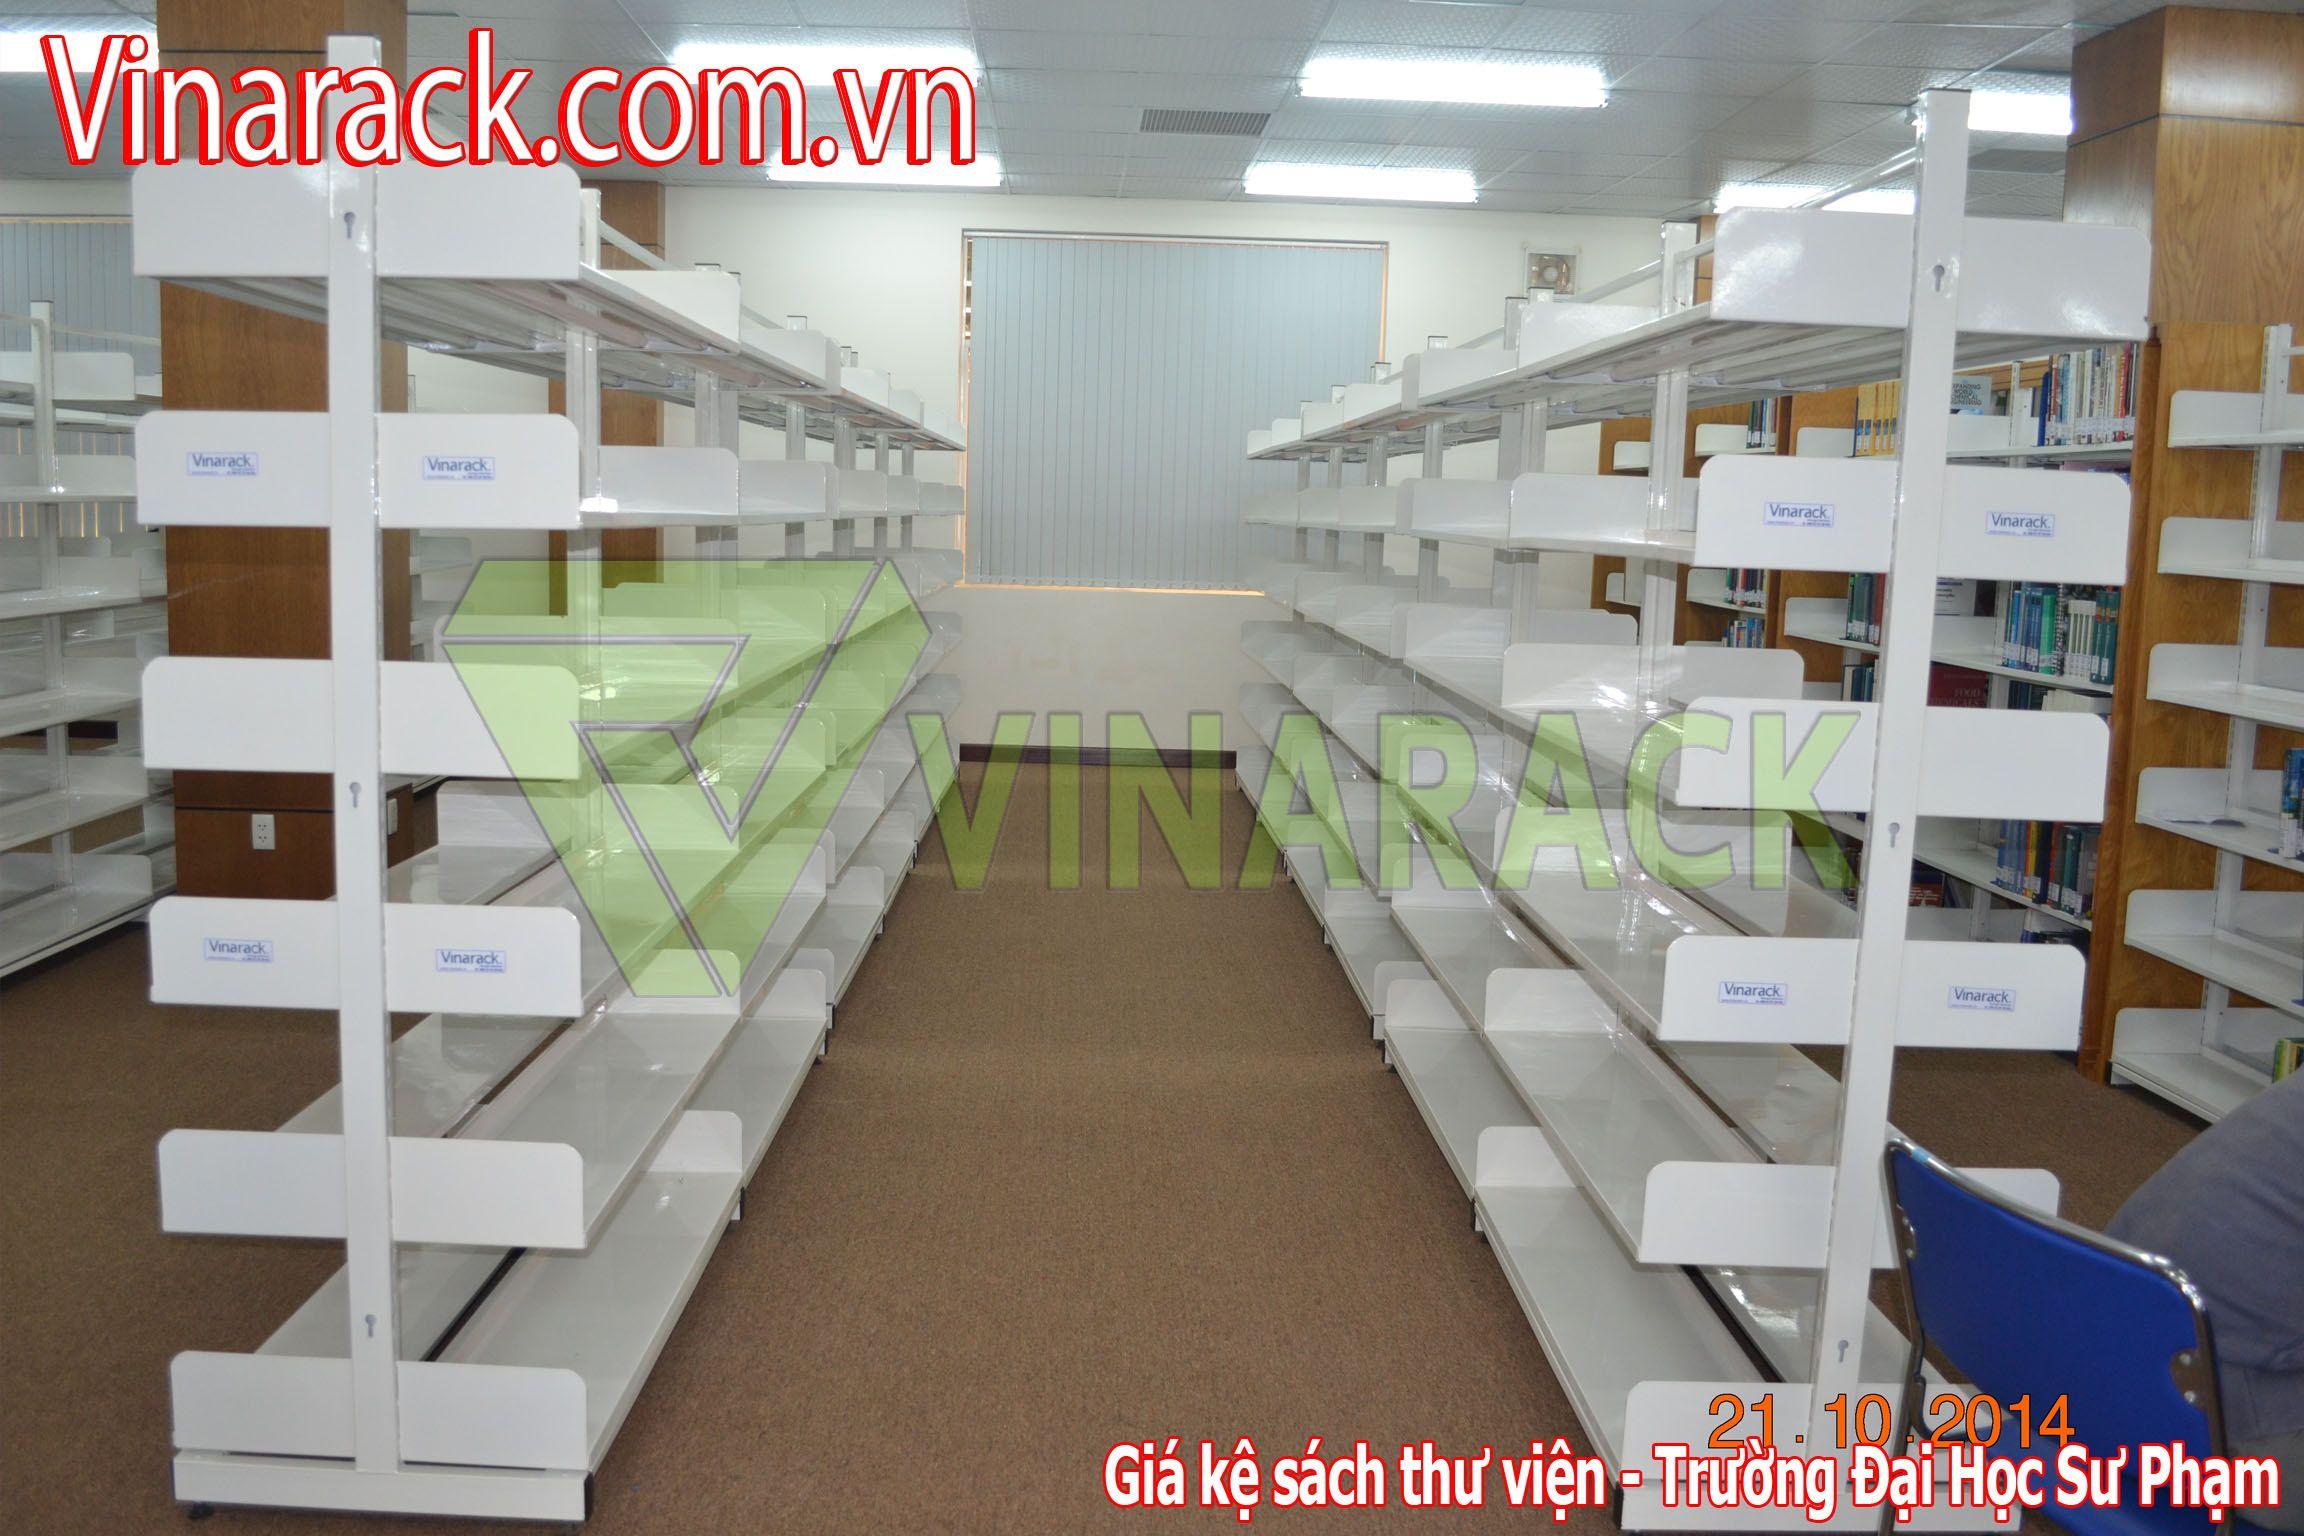 Kệ sách, kệ hồ sơ, kệ tài liệu cho các trường học, đại học, thư viện lớn, trung tâm lưu trữ hồ sơ. Liên hệ: 0909.787.797